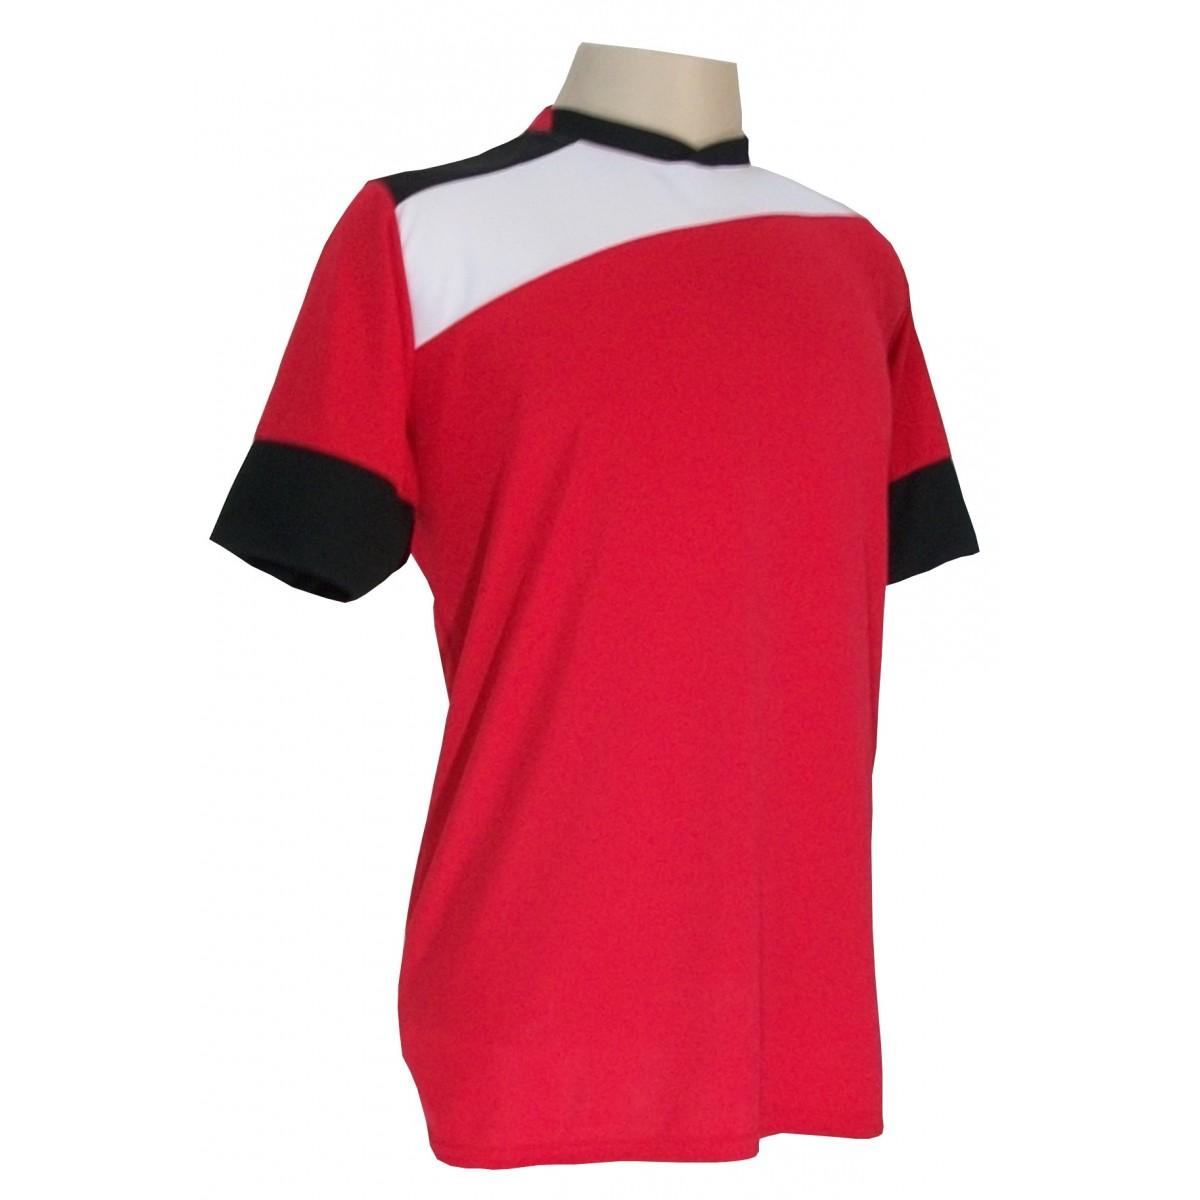 Jogo de Camisa com 14 unidades modelo Sporting Vermelho/Branco/Preto + 1 Goleiro + Brindes